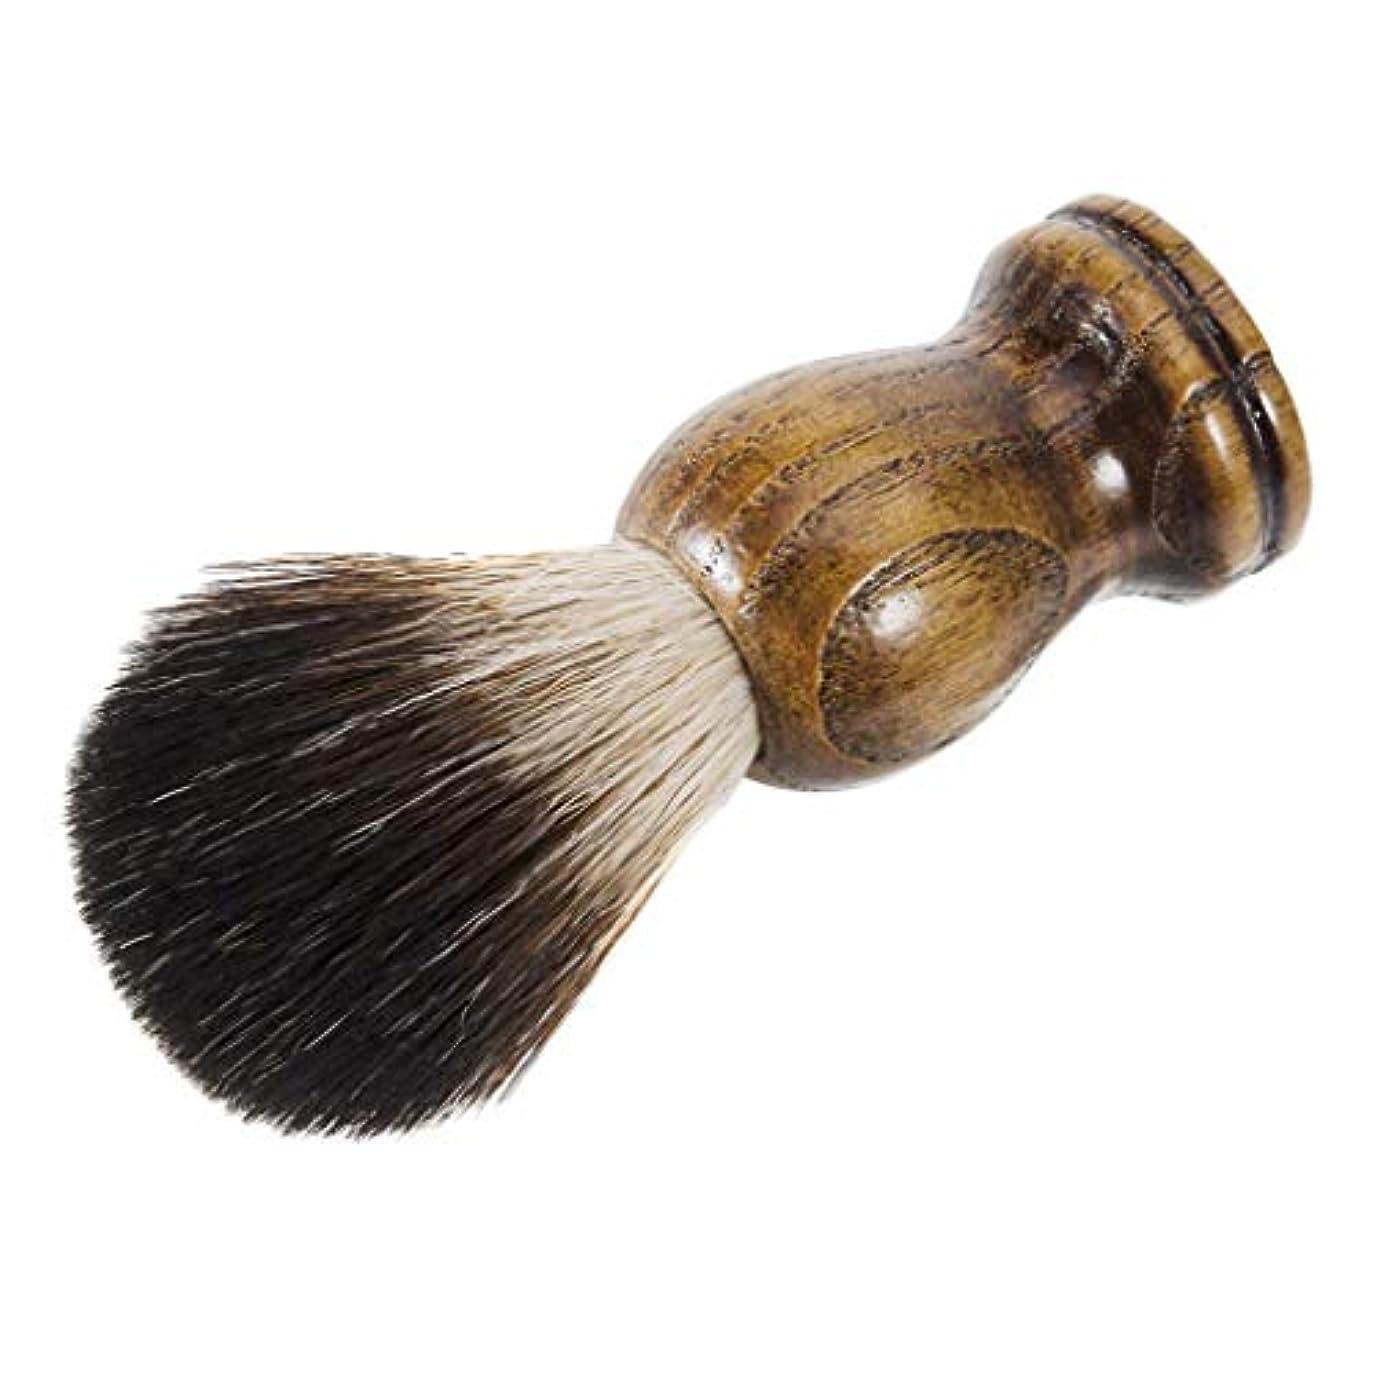 変化する許容できるまあchiwanji 男性用 ひげブラシ シェービング ブラシ 理容 洗顔 髭剃り 泡立ち ギフト